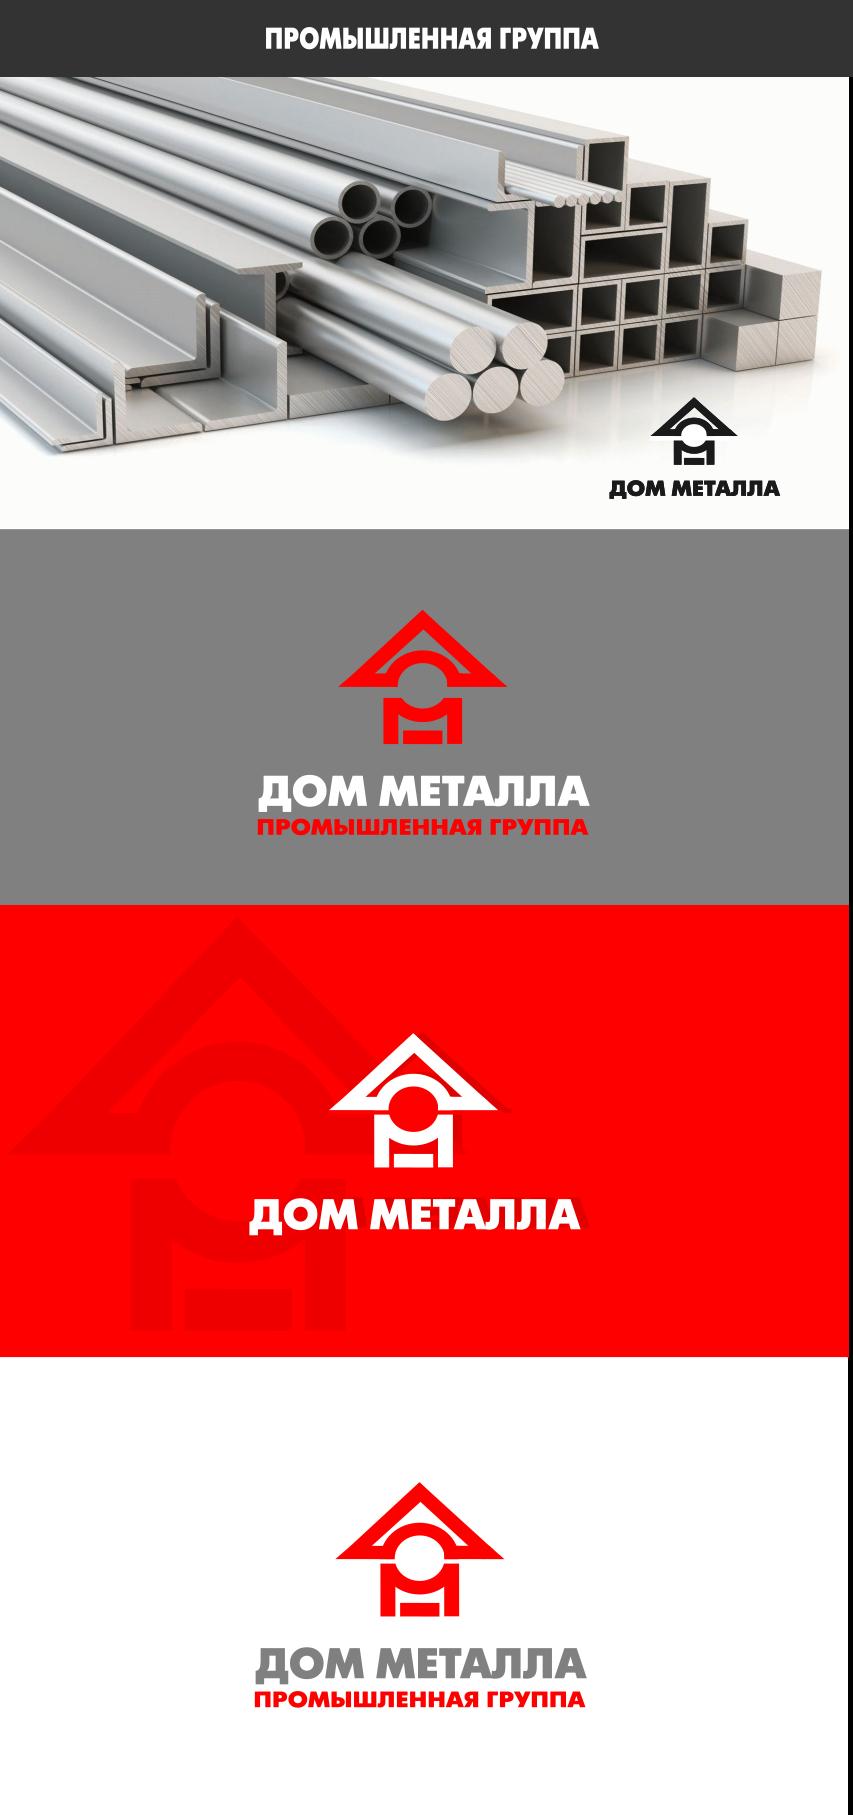 Разработка логотипа фото f_0315c5c92431e5e6.png